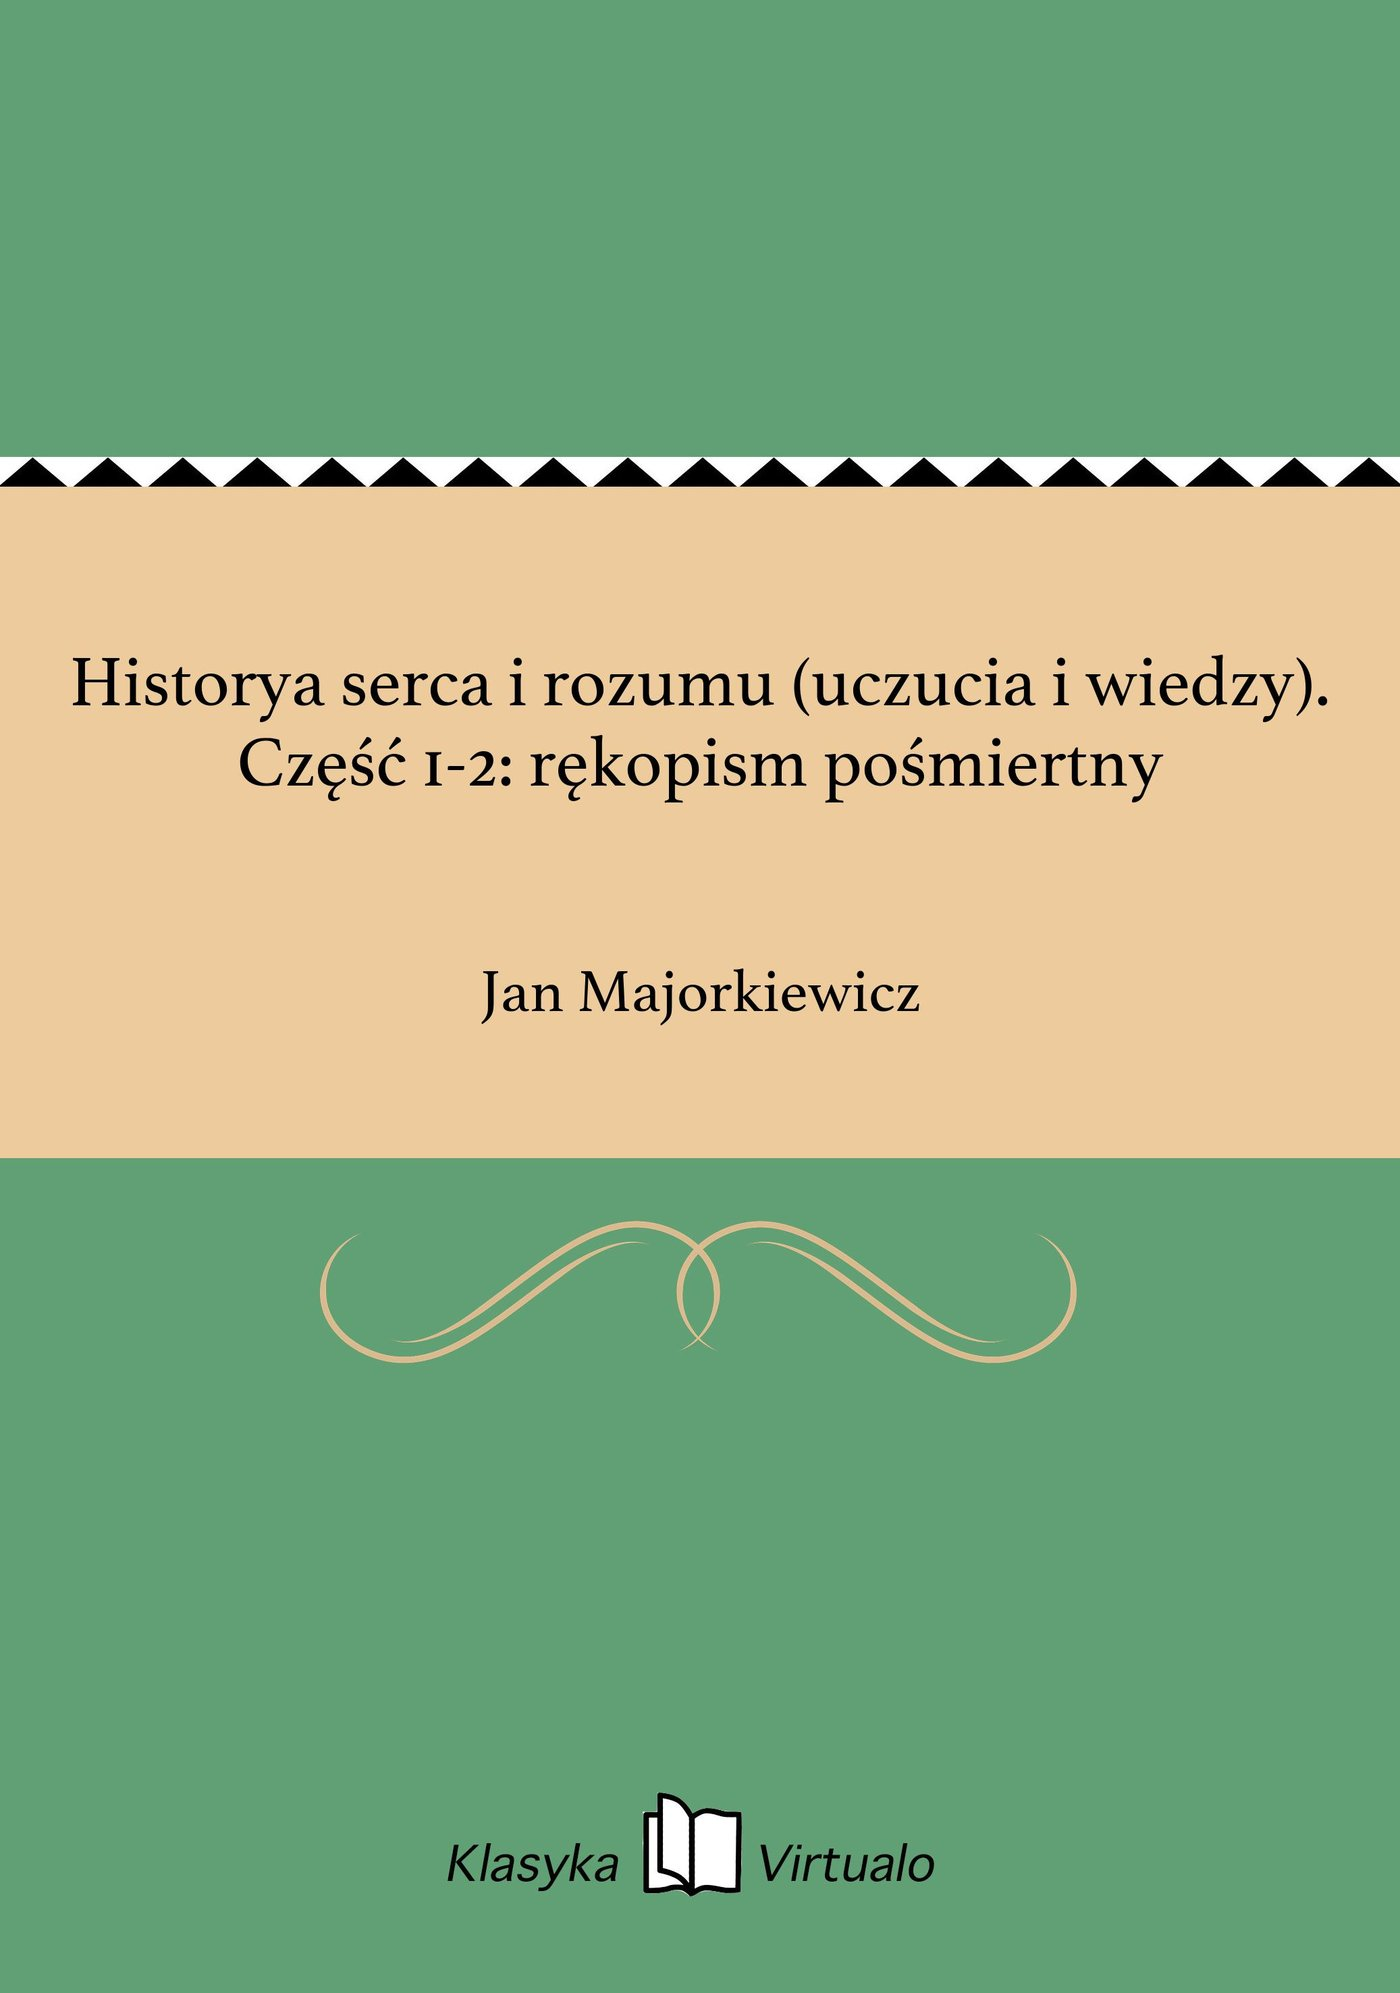 Historya serca i rozumu (uczucia i wiedzy). Część 1-2: rękopism pośmiertny - Ebook (Książka EPUB) do pobrania w formacie EPUB